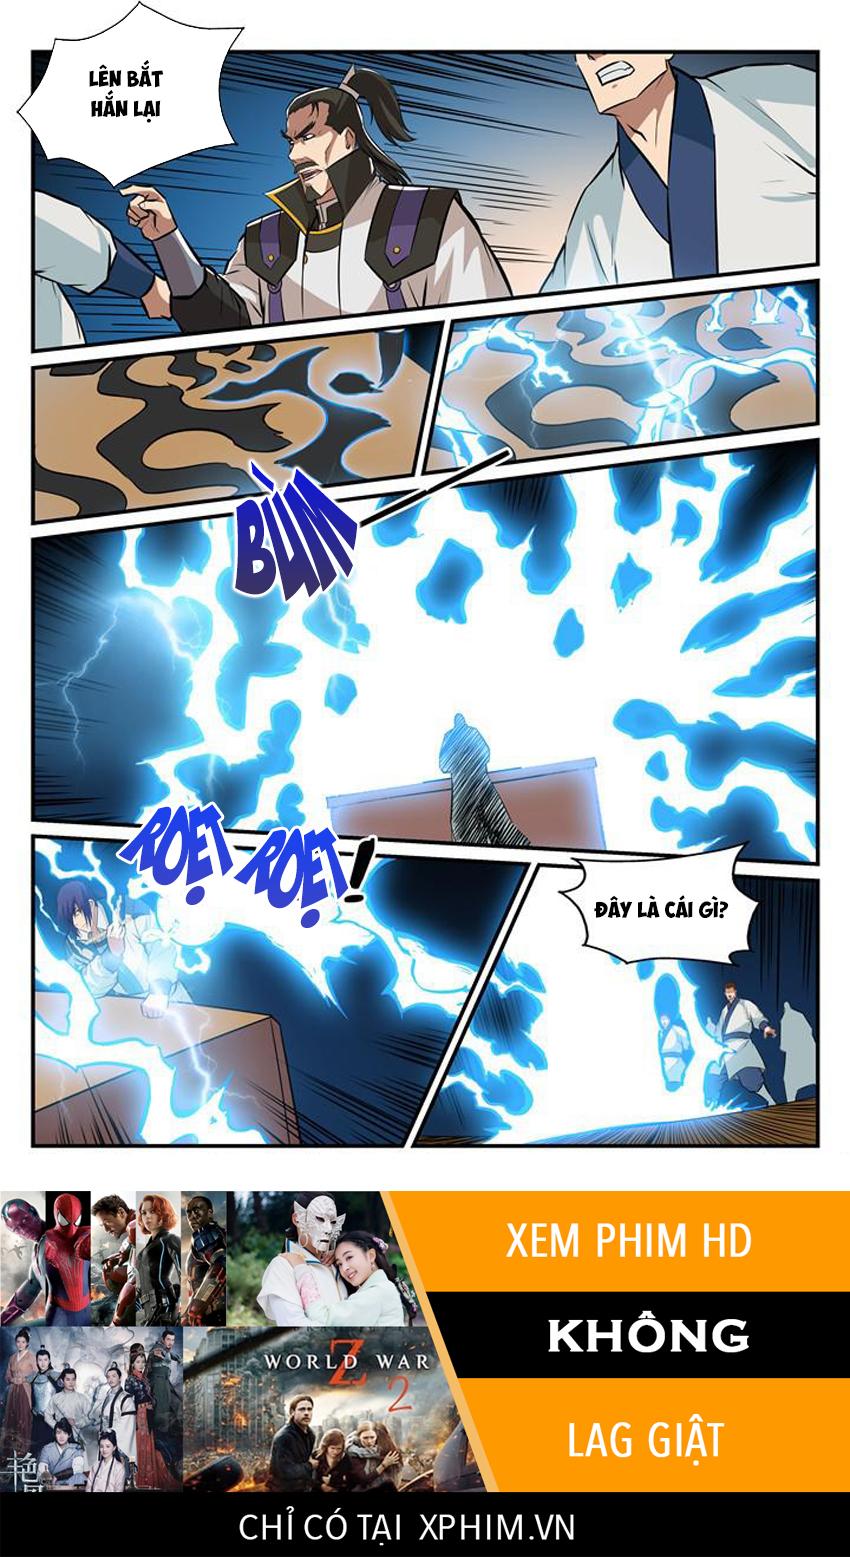 Bách Luyện Thành Thần Chapter 194 trang 17 - CungDocTruyen.com